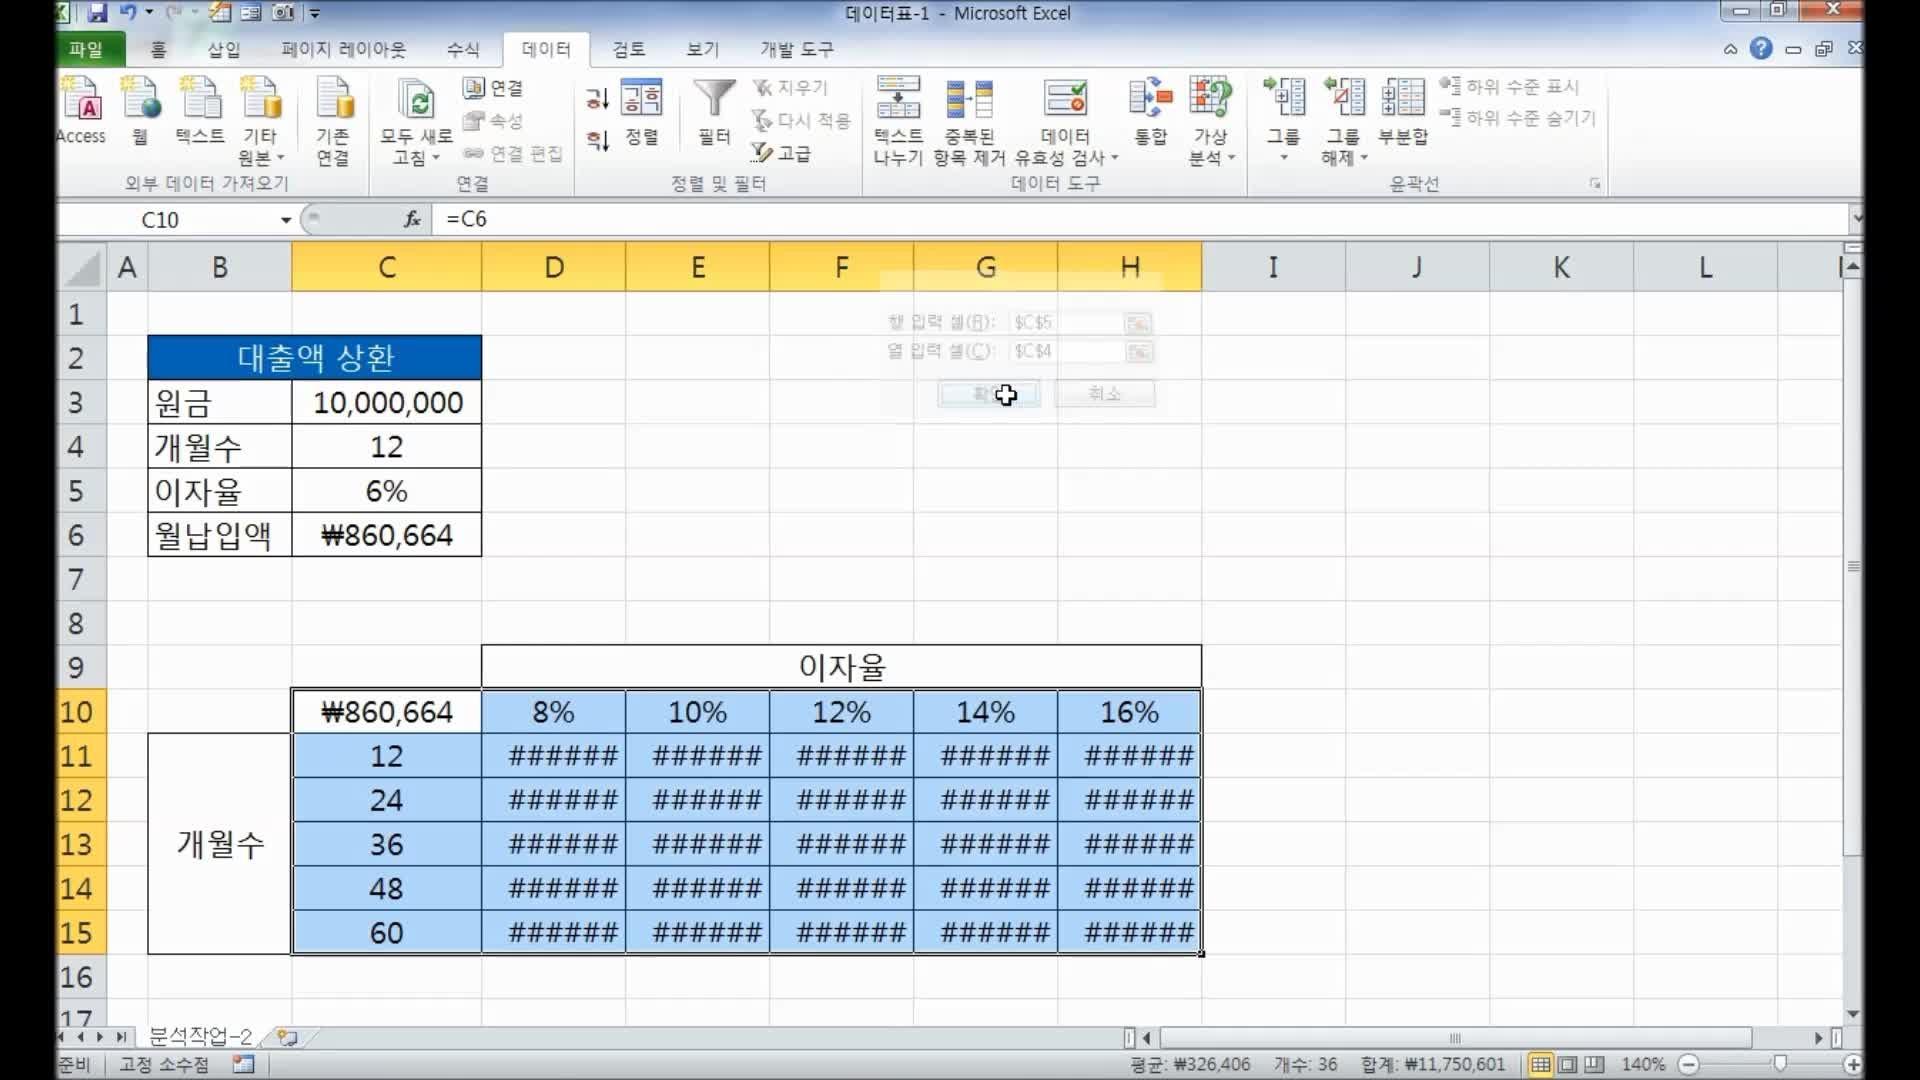 컴퓨터활용능력 1급 실기 스프레드시트 매크로작업 기출문제1